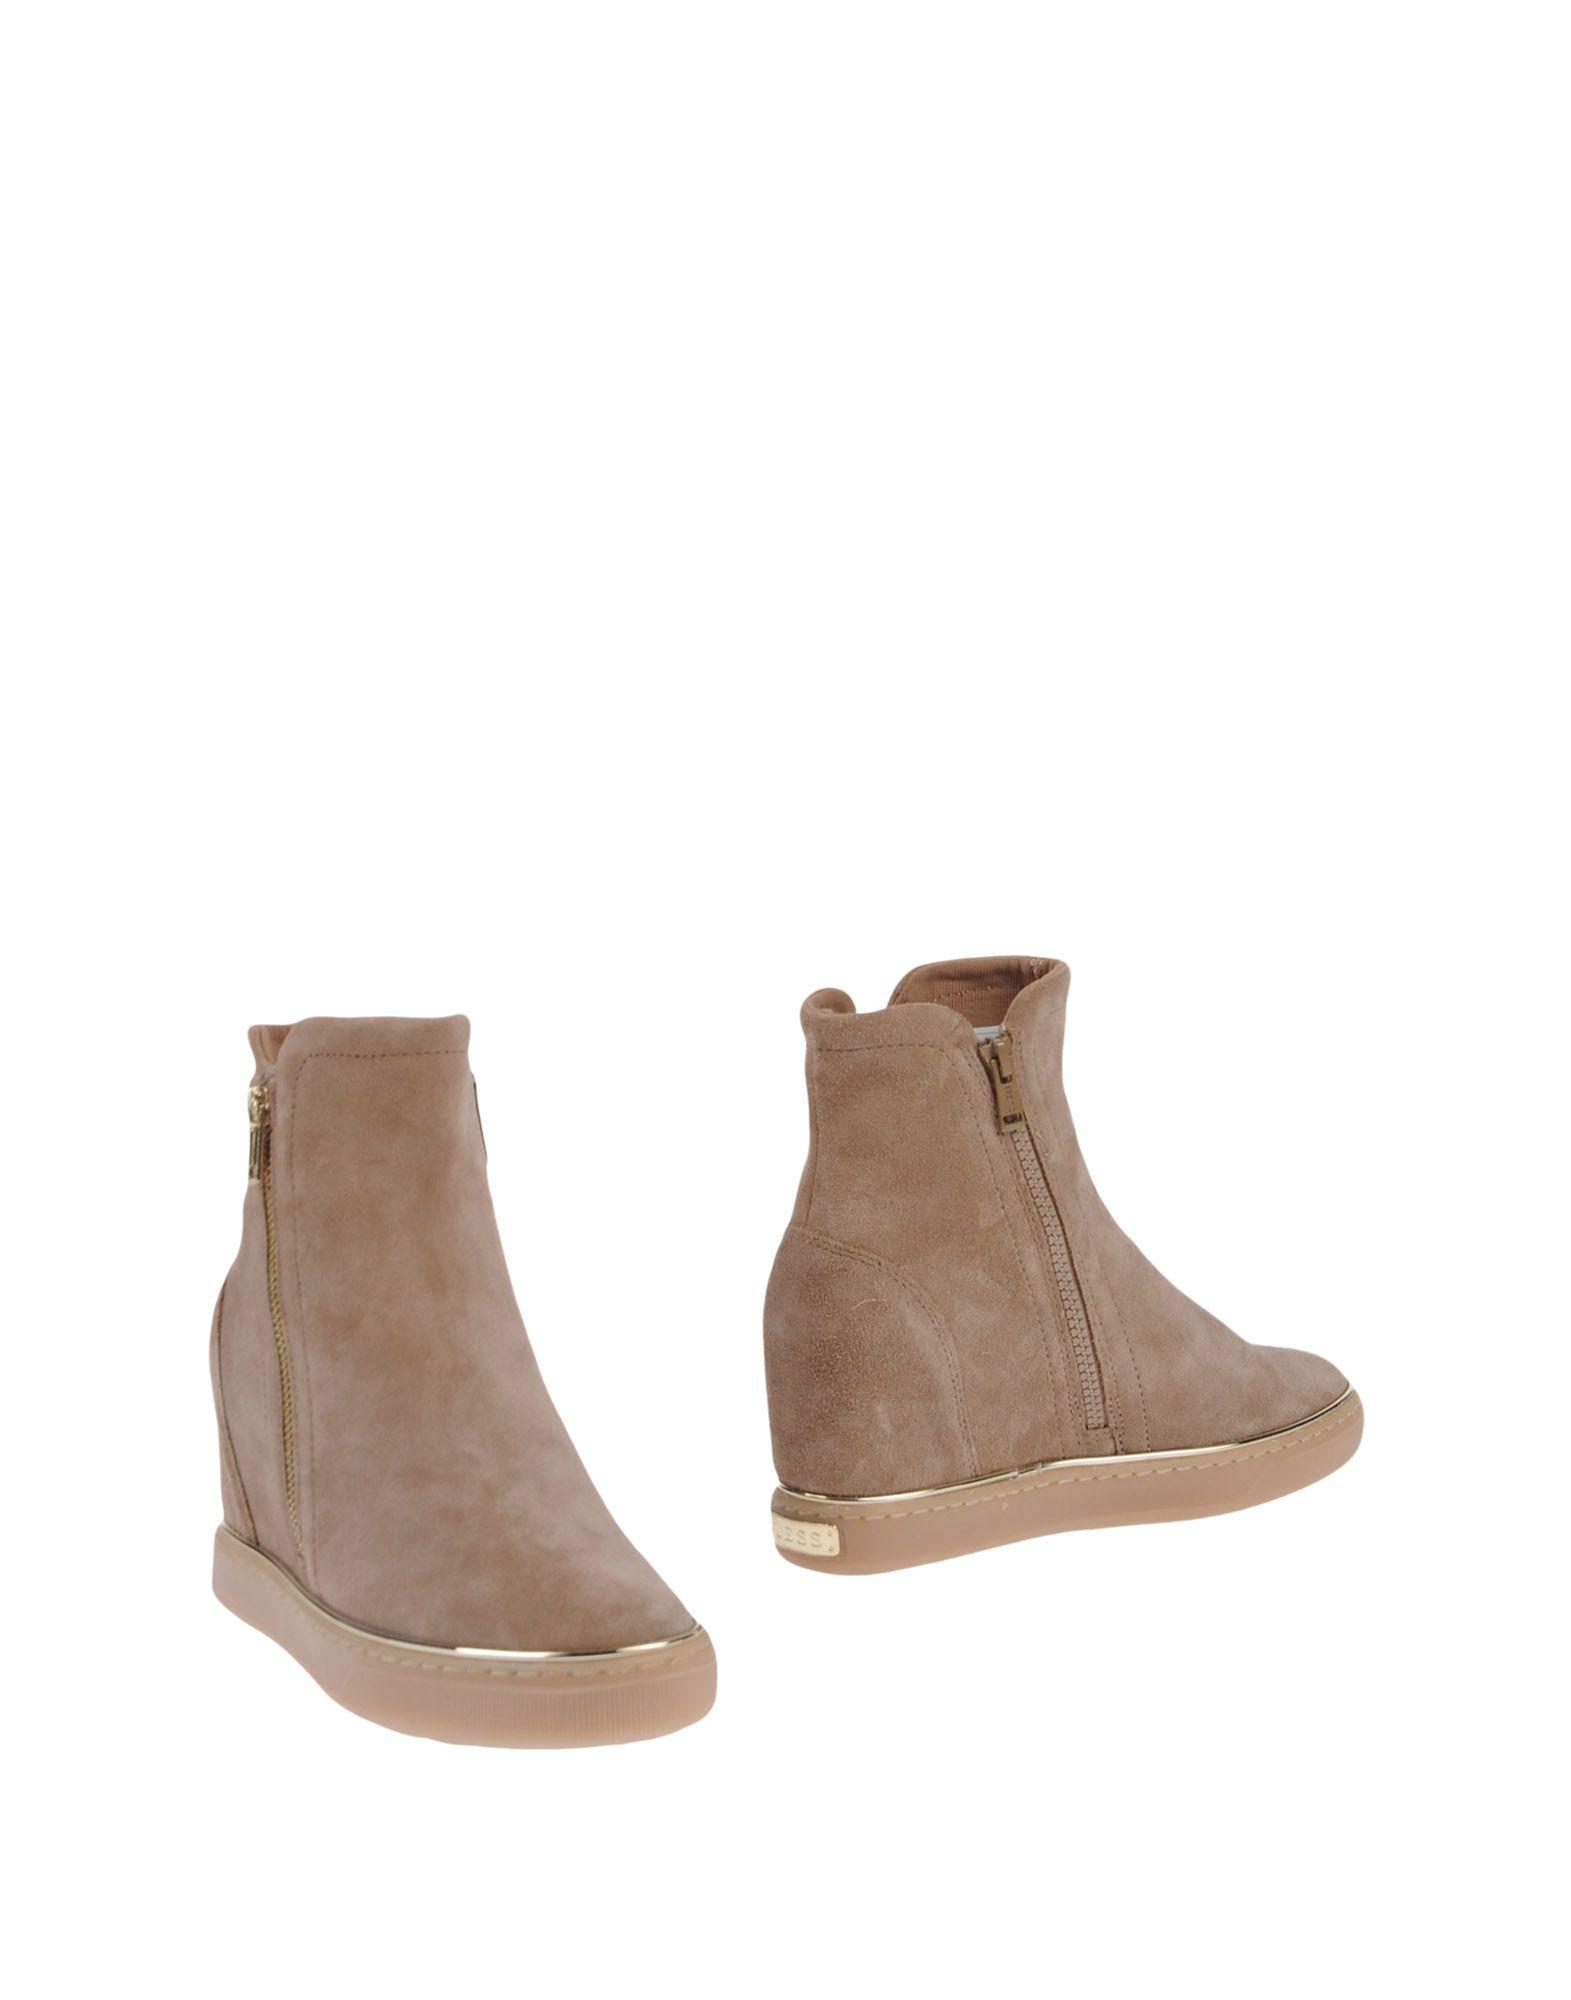 Guess Gute Stiefelette Damen  11506375JF Gute Guess Qualität beliebte Schuhe 751a2d